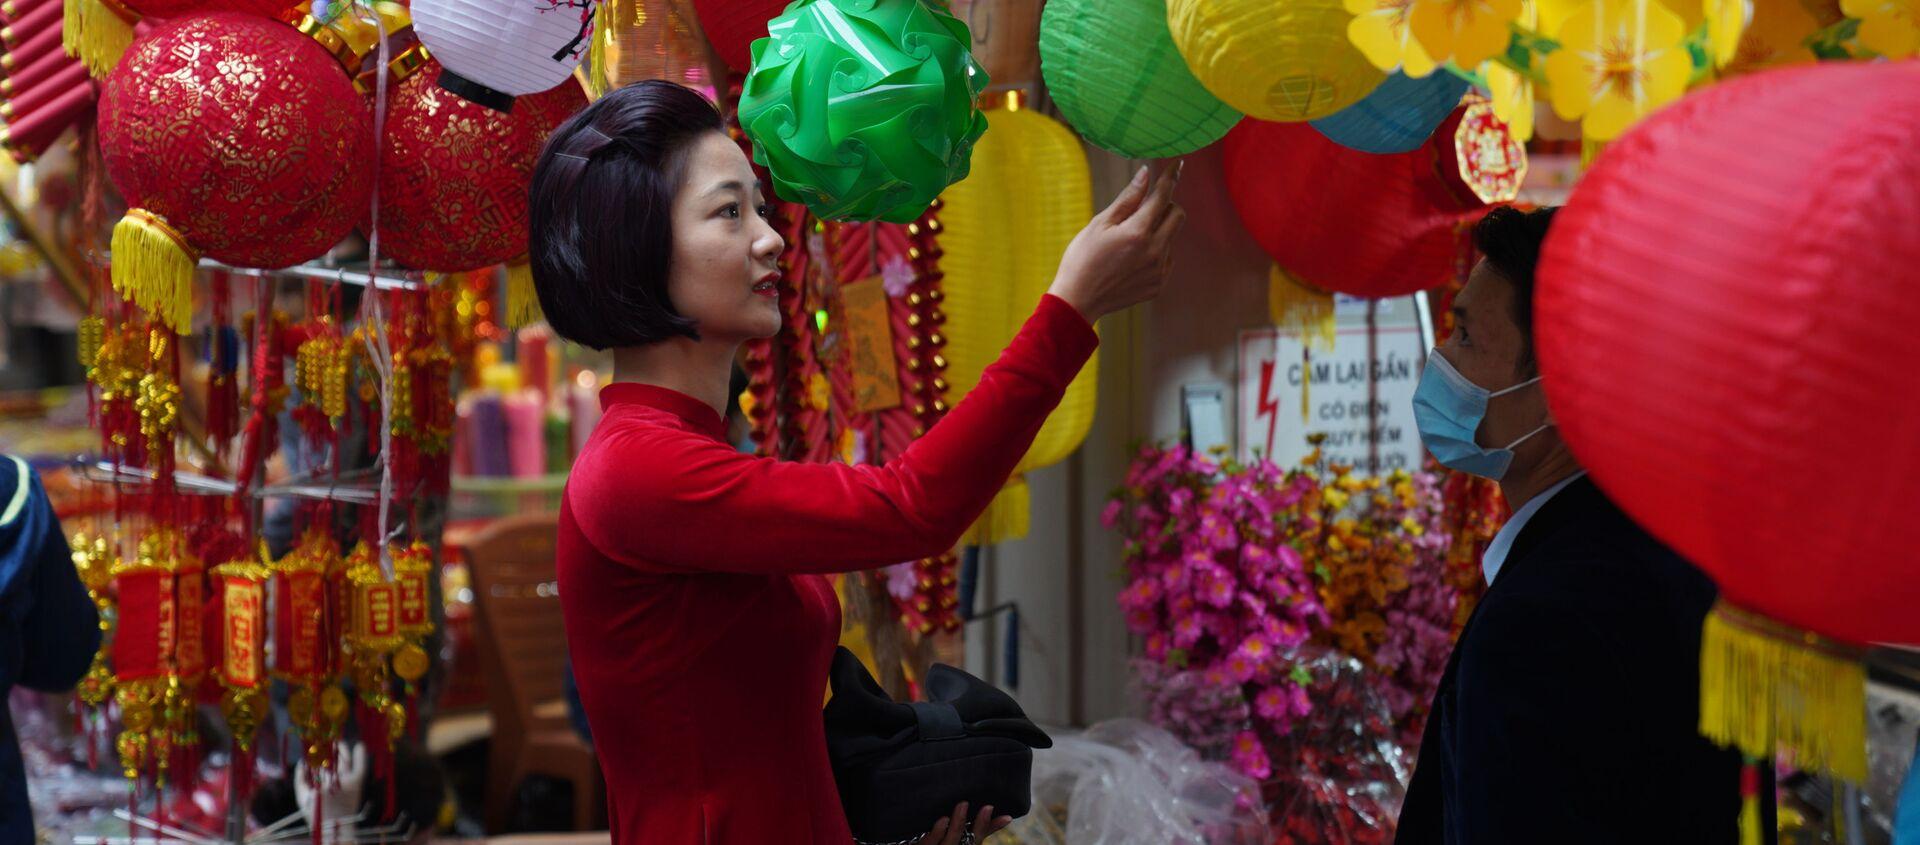 I residenti di Hanoi, Vietnam, si preparano per il Capodanno Lunare che si celebrerà venerdì 12 febbraio.  - Sputnik Italia, 1920, 06.02.2021